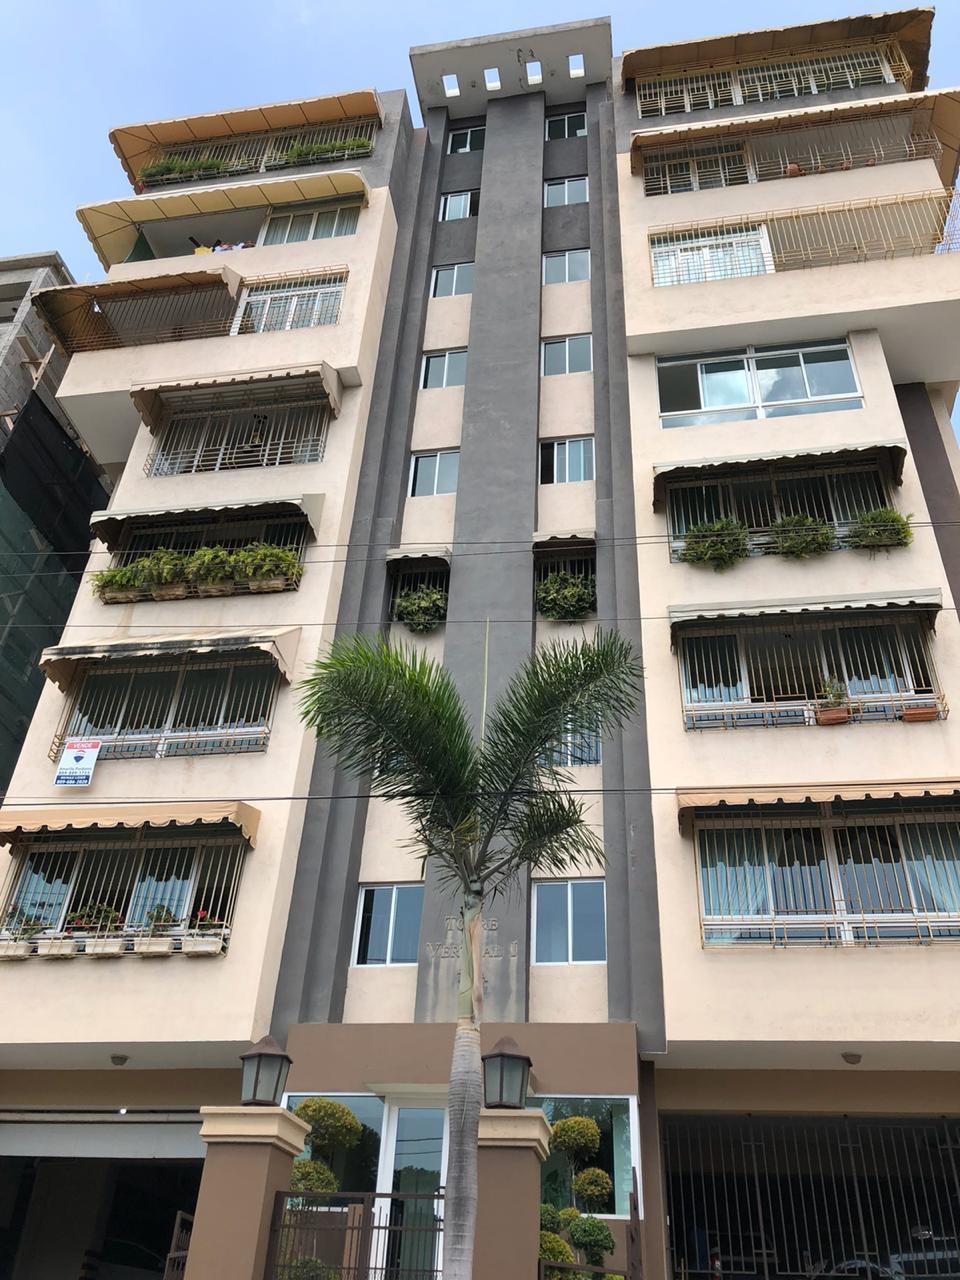 Apartamento en venta en el sector EVARISTO MORALES precio US$ 144,000.00 US$144,000